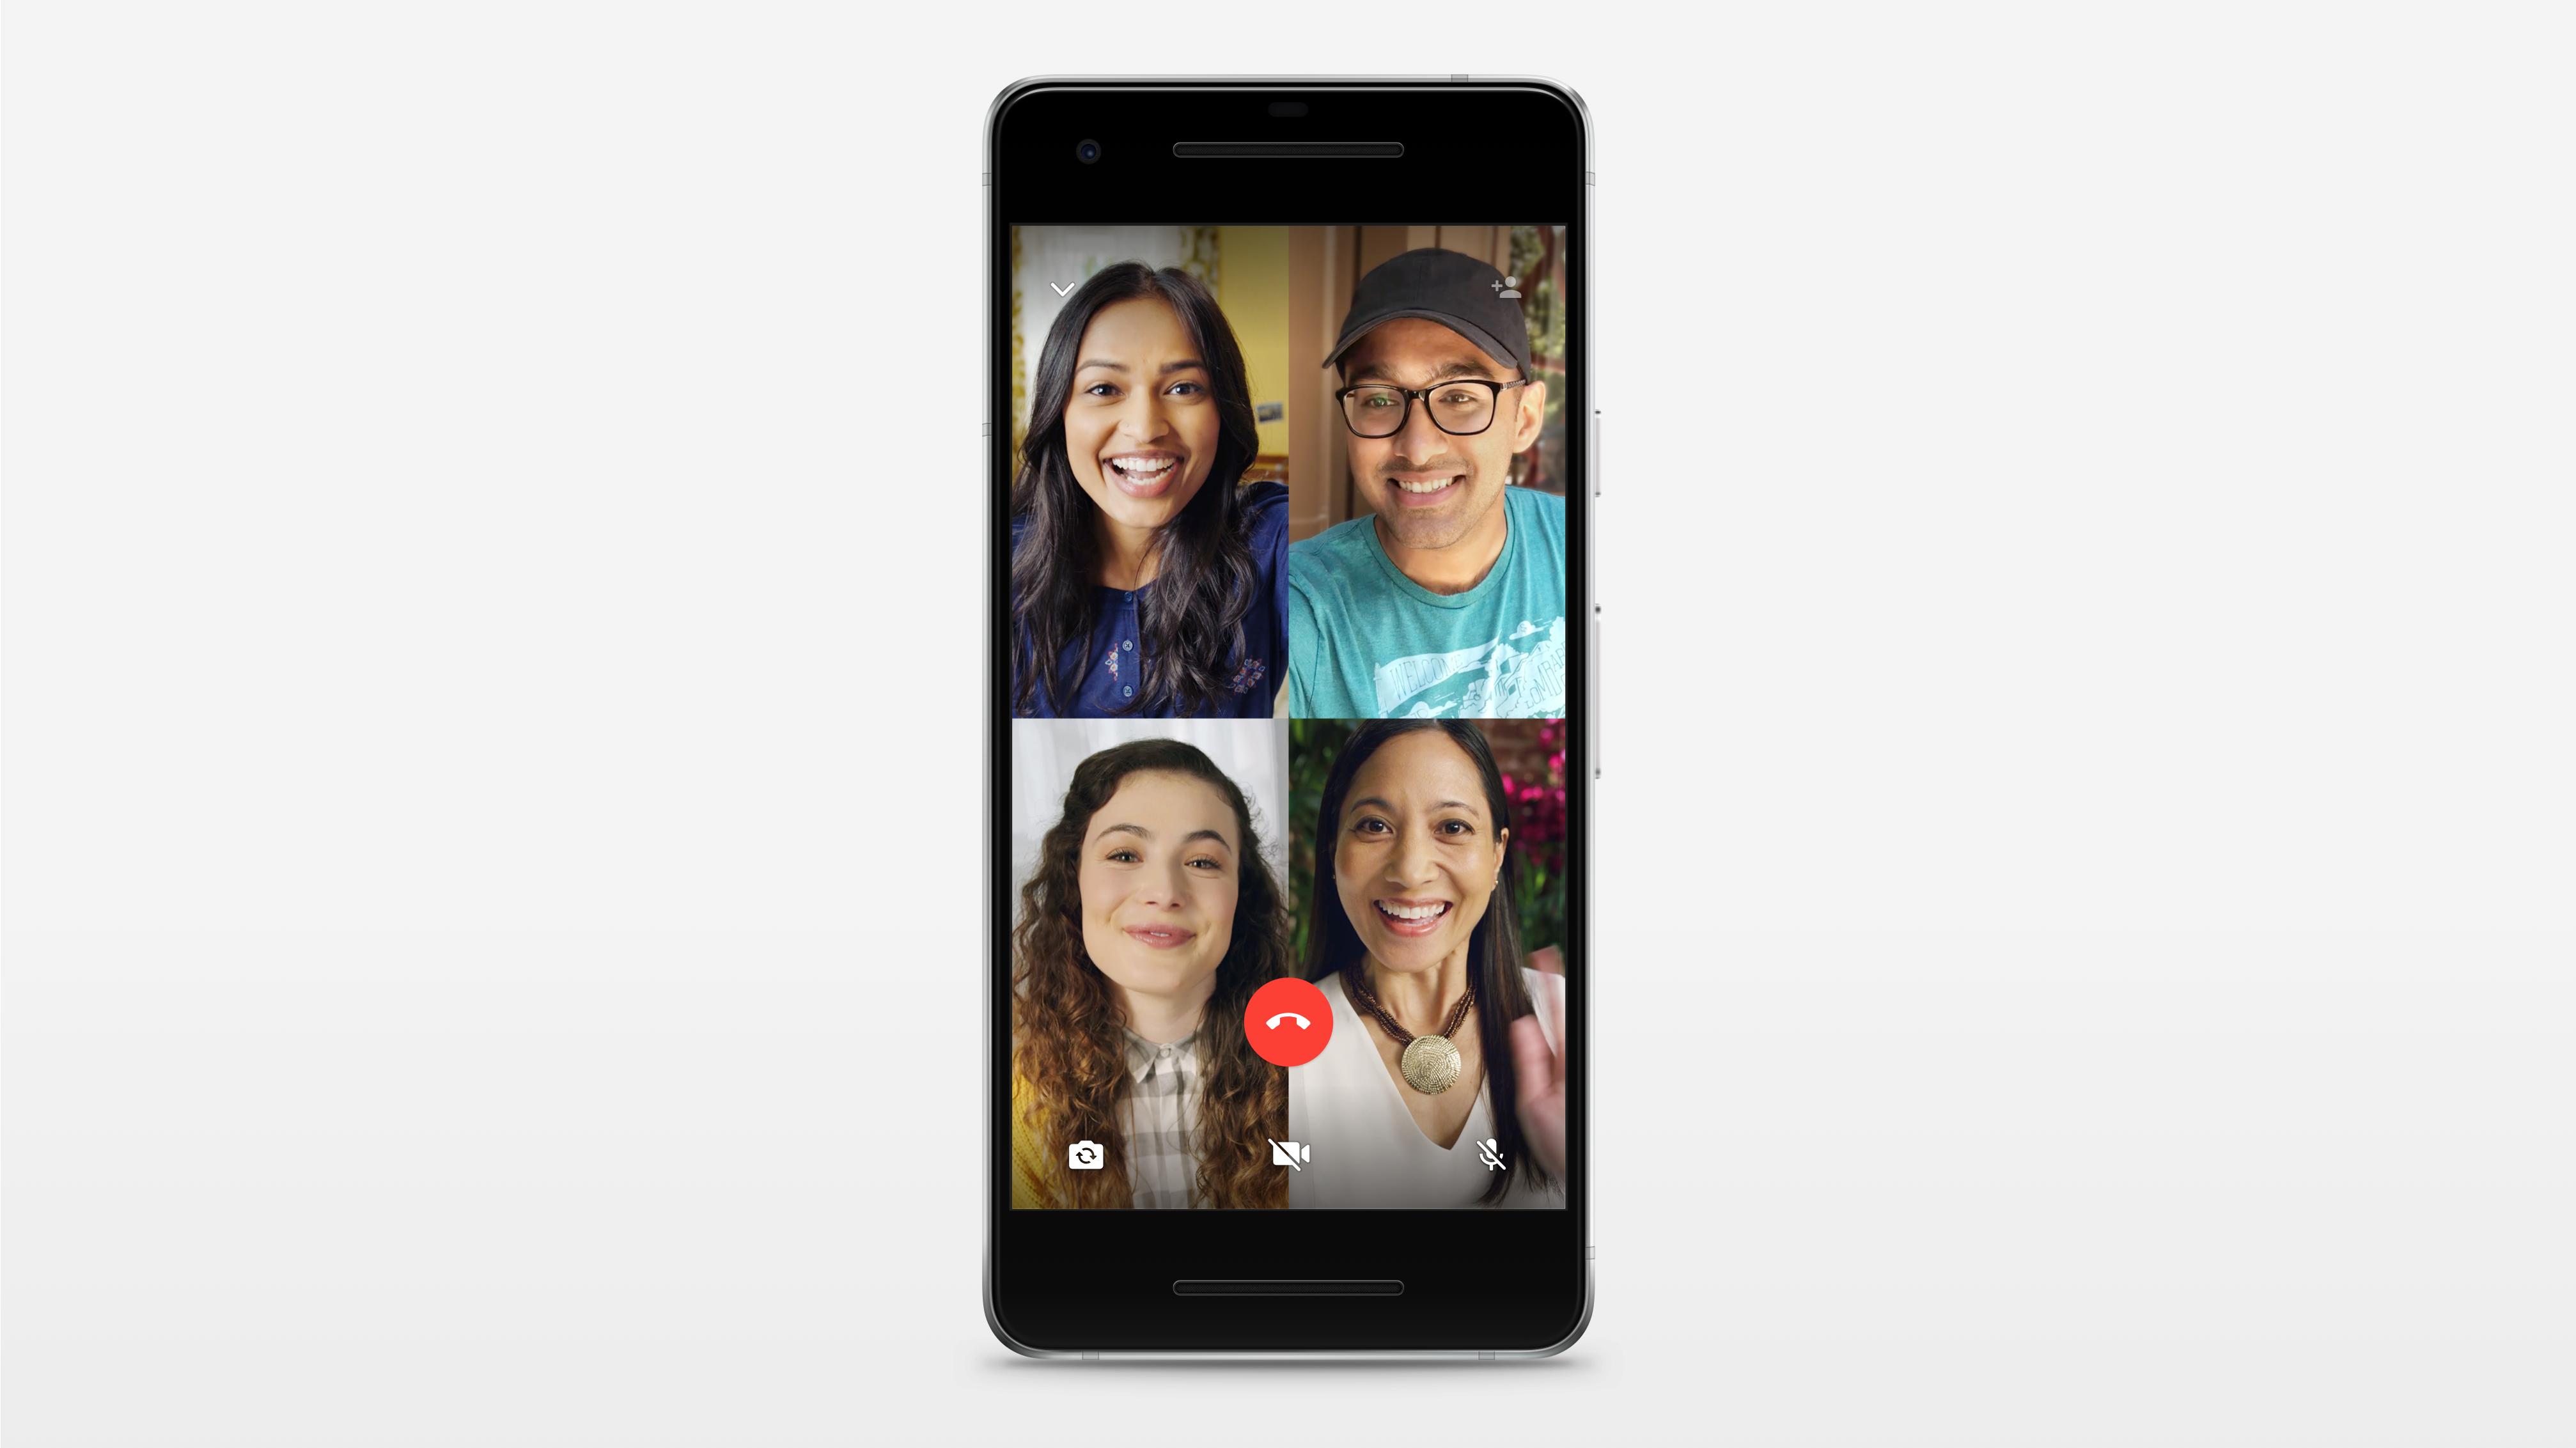 WhatsApp lanza función para realizar llamadas y videollamadas grupales